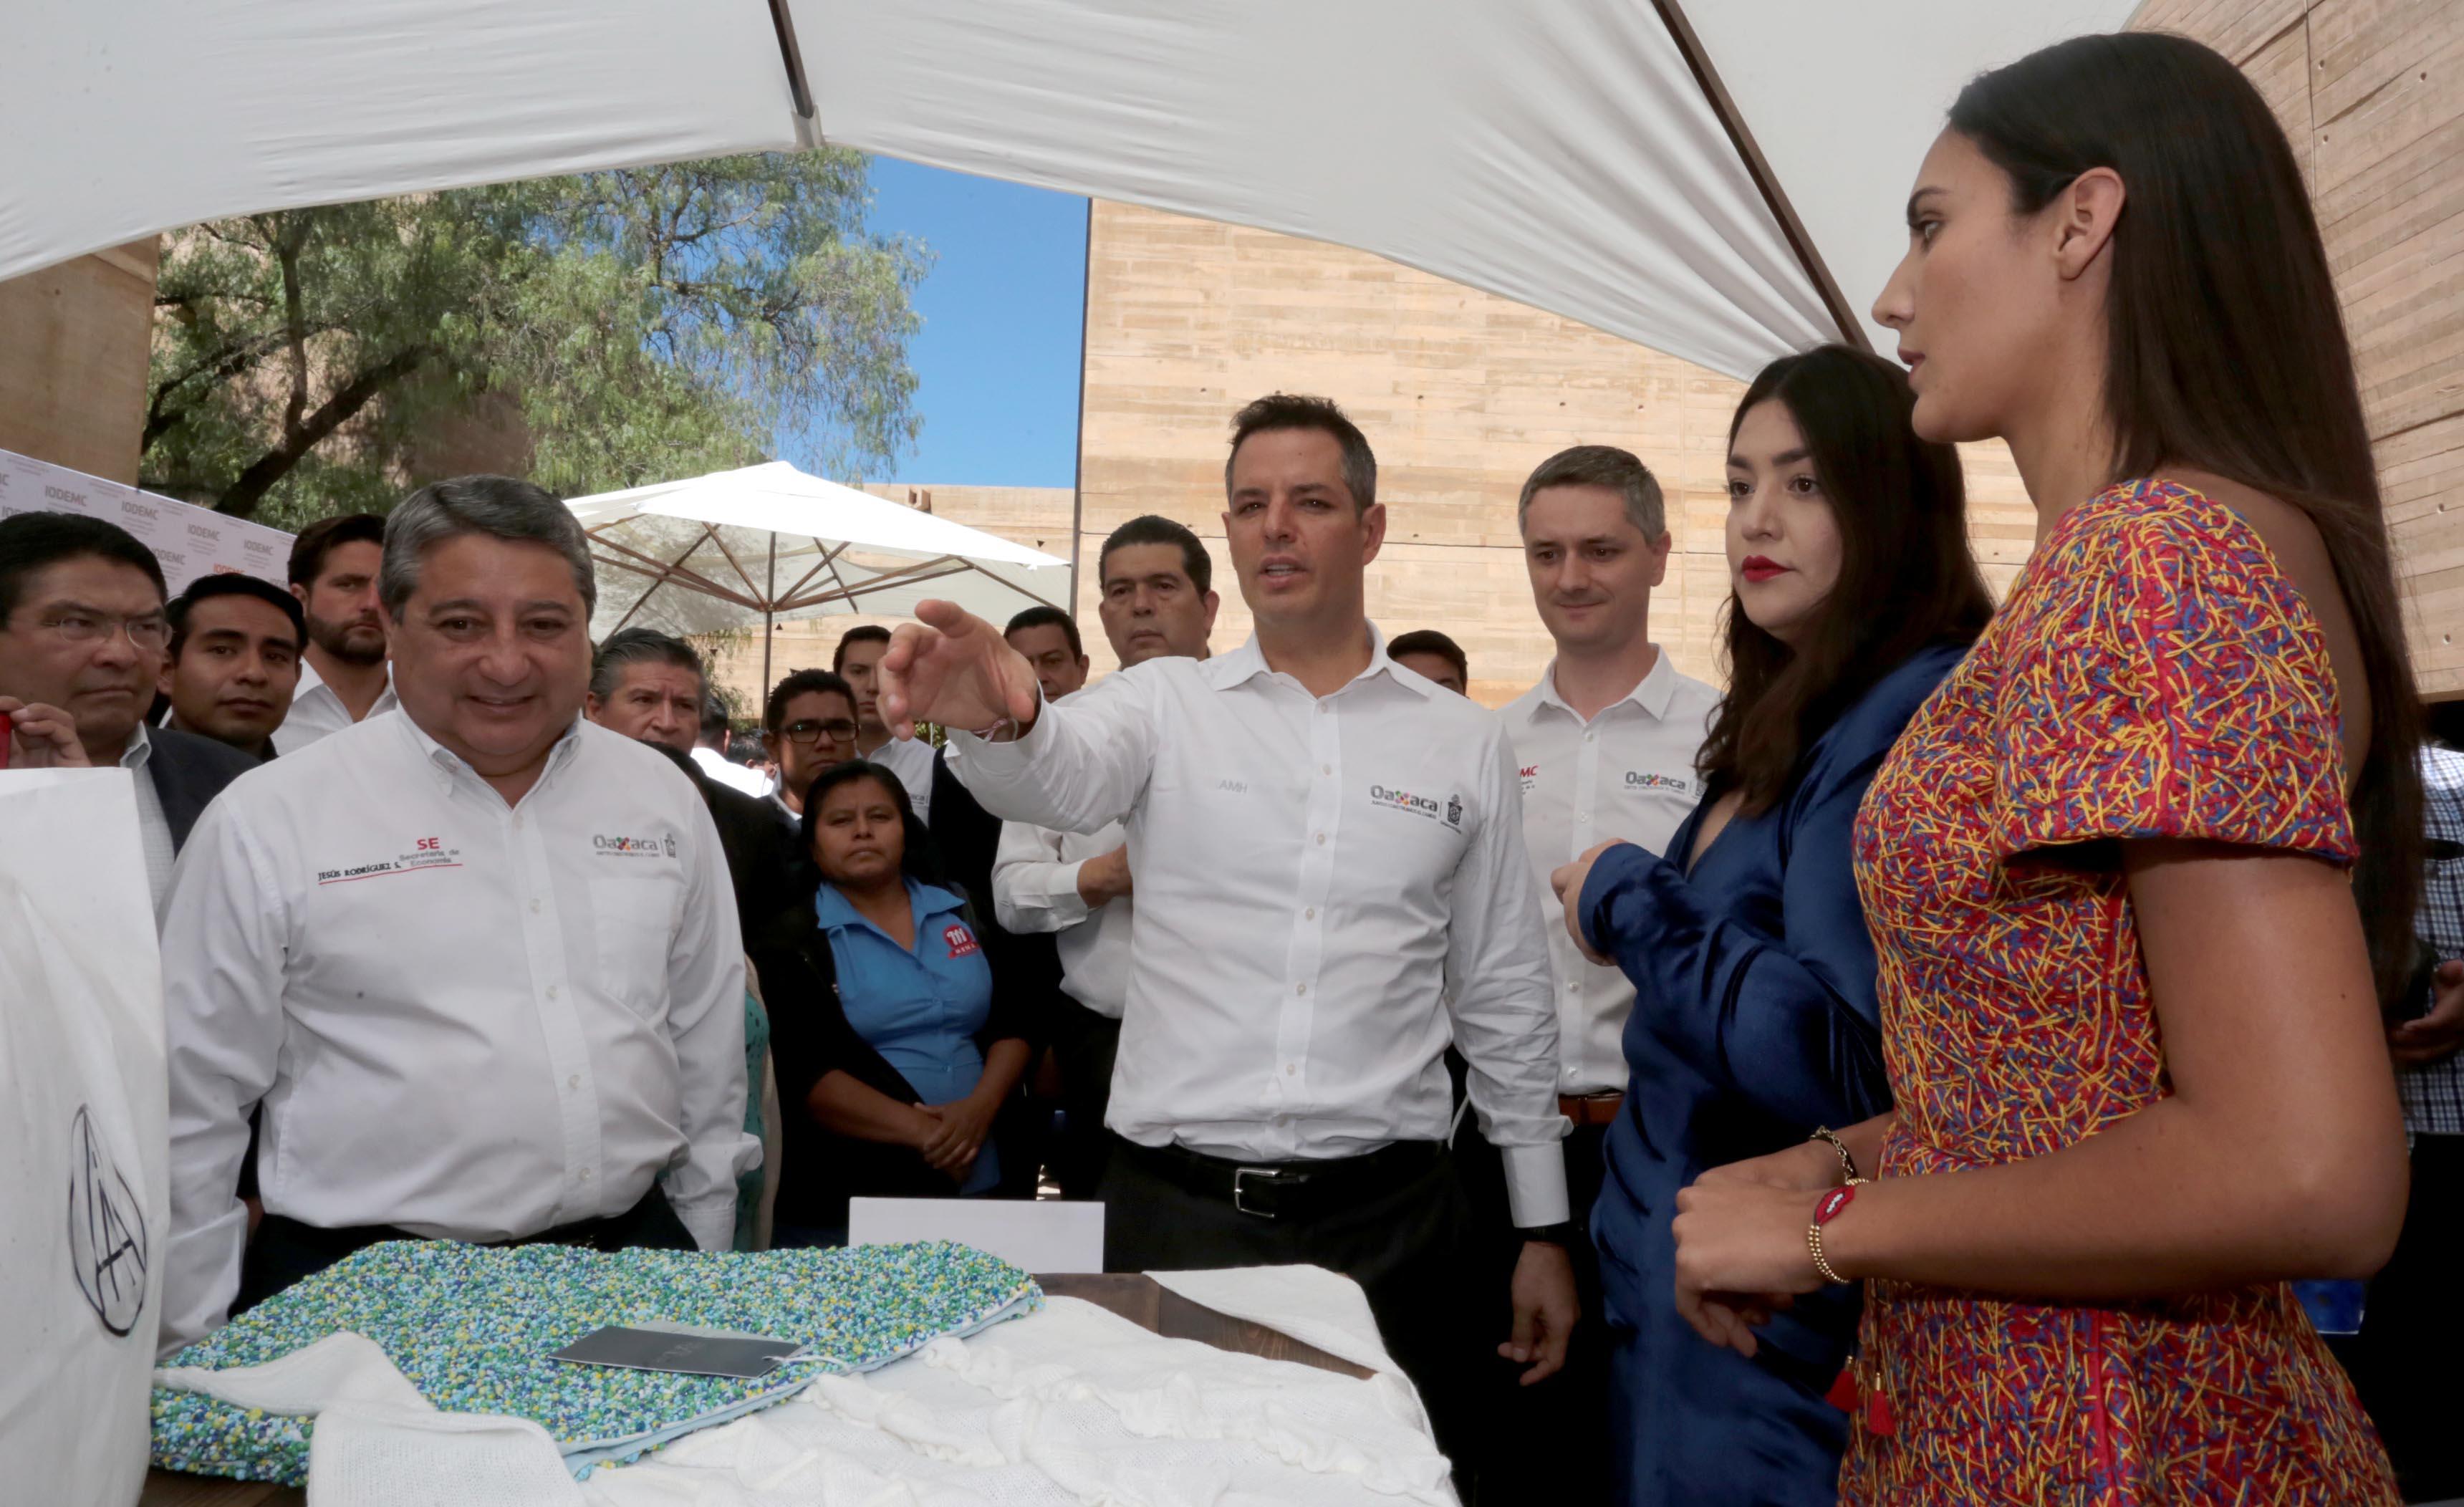 Se impulsarán iniciativas ciudadanas para regular marchas y plantones: Murat